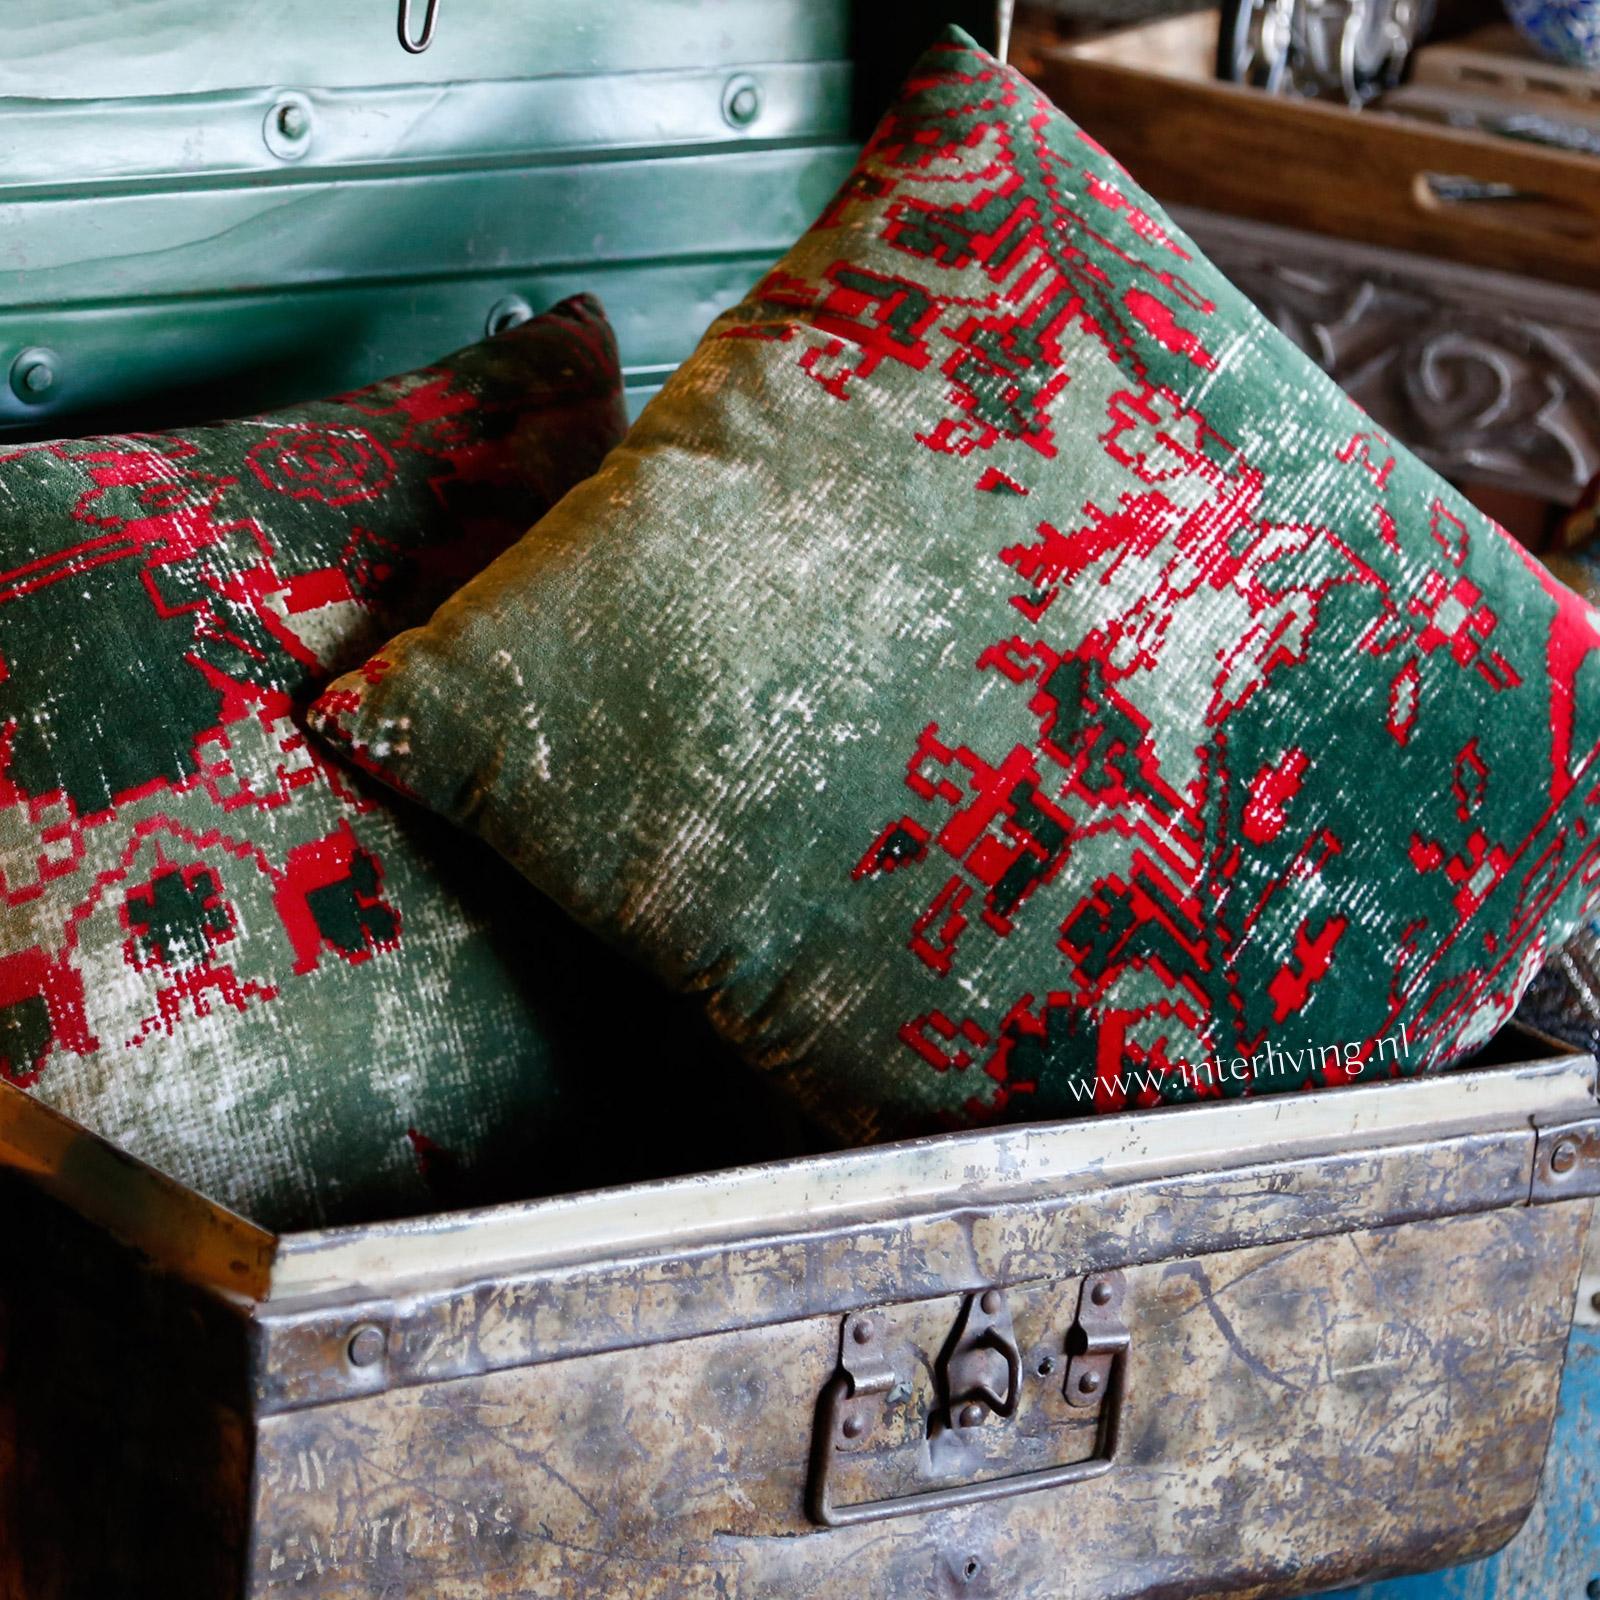 kilim verweerd tapijt kussen - vintage botanisch oude stijl sierkussen velvet groen